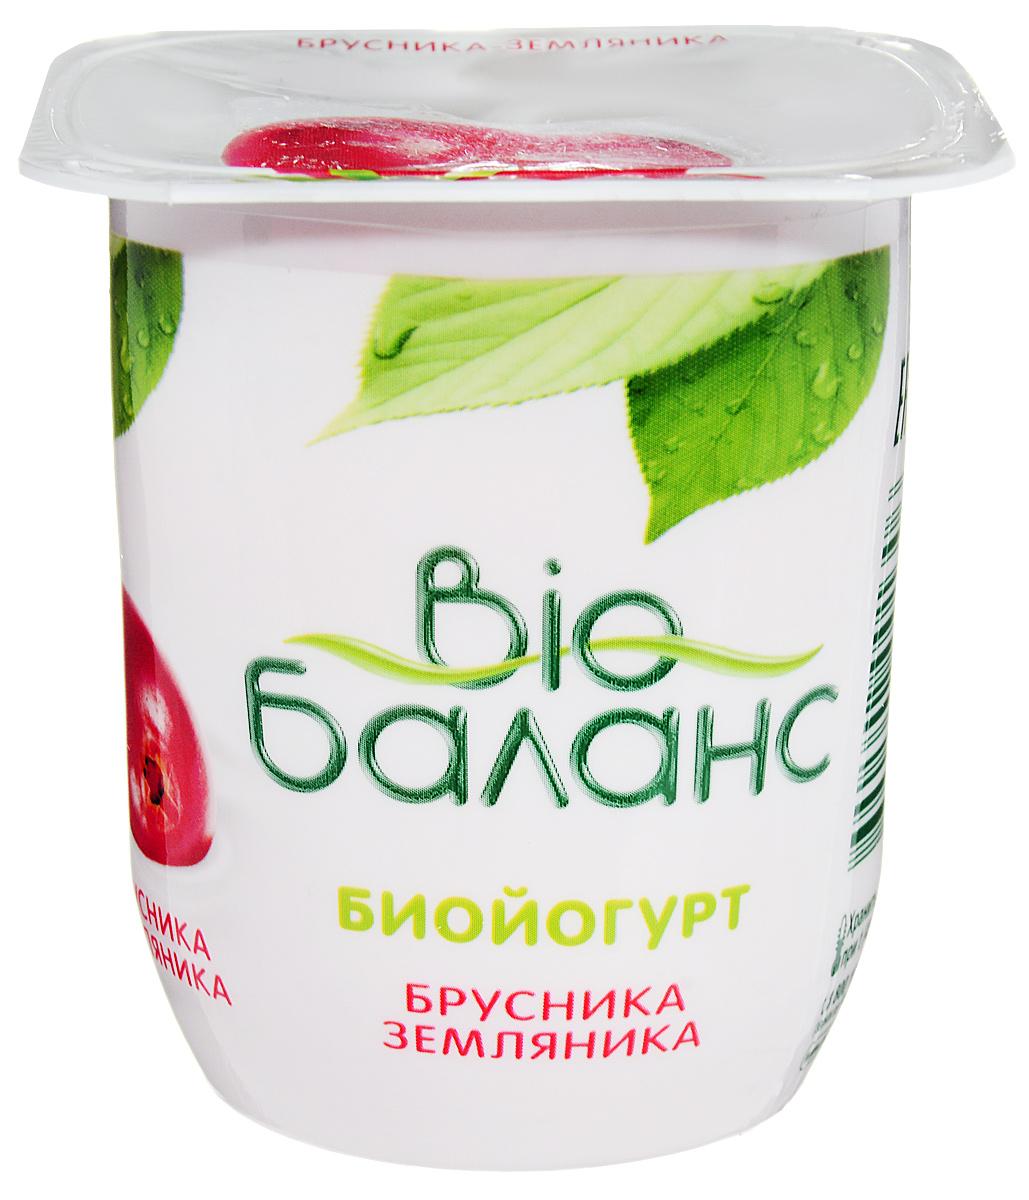 Био-Баланс Биойогурт густой обогащенный Брусника земляника 2,8%, 125 г био баланс биойогурт злаки 1 5% 330 г